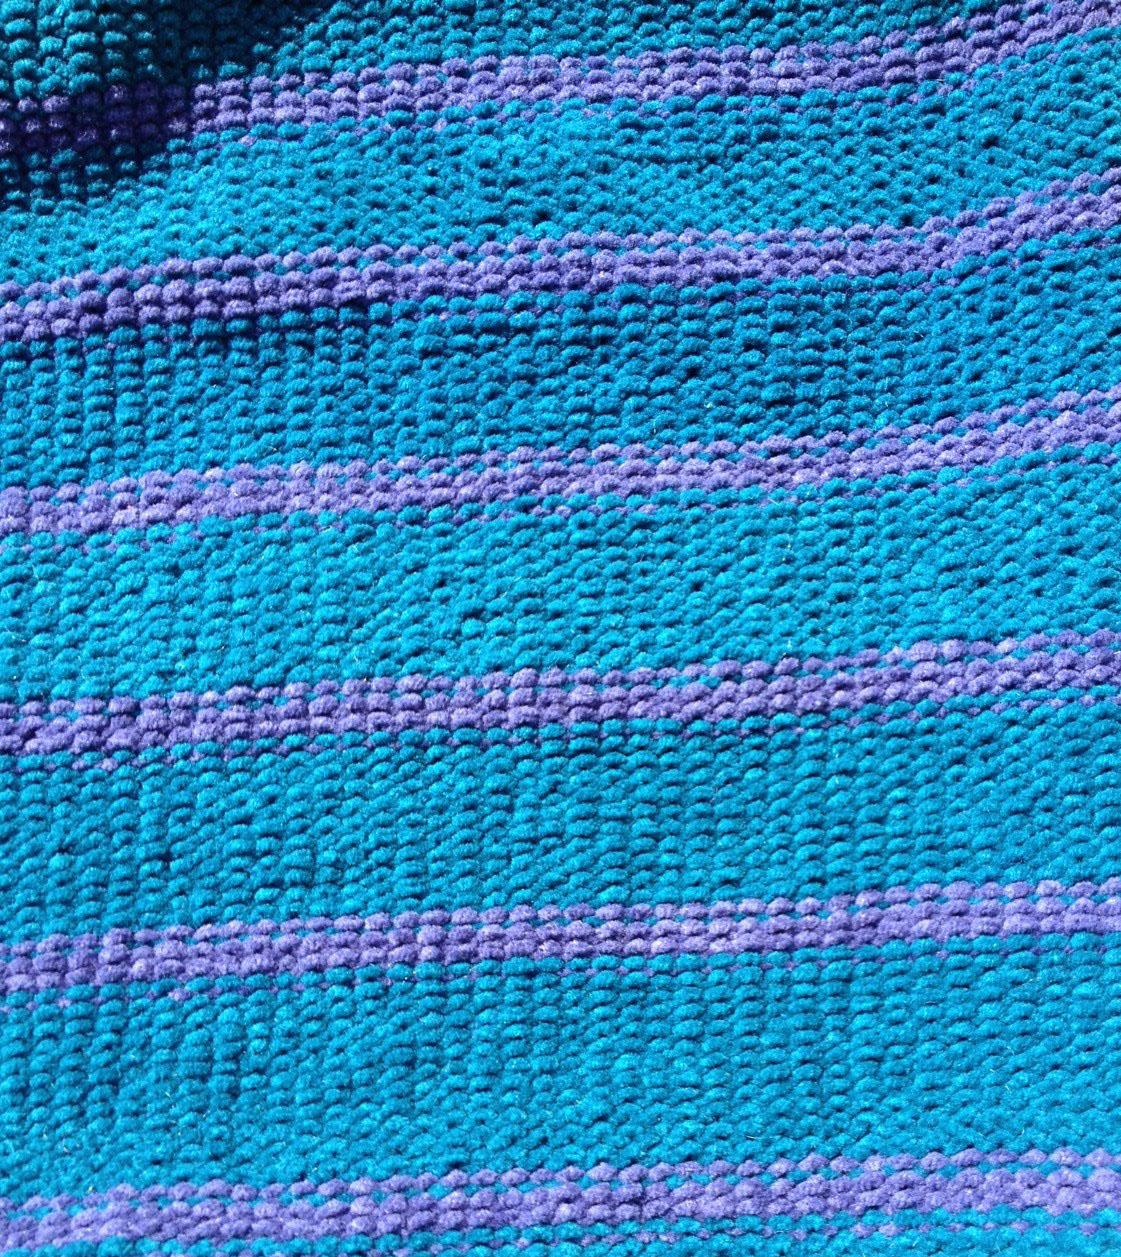 Chenille Knitting Patterns : Velvety top knitted in Rowan Chenille Knitting With Rowan